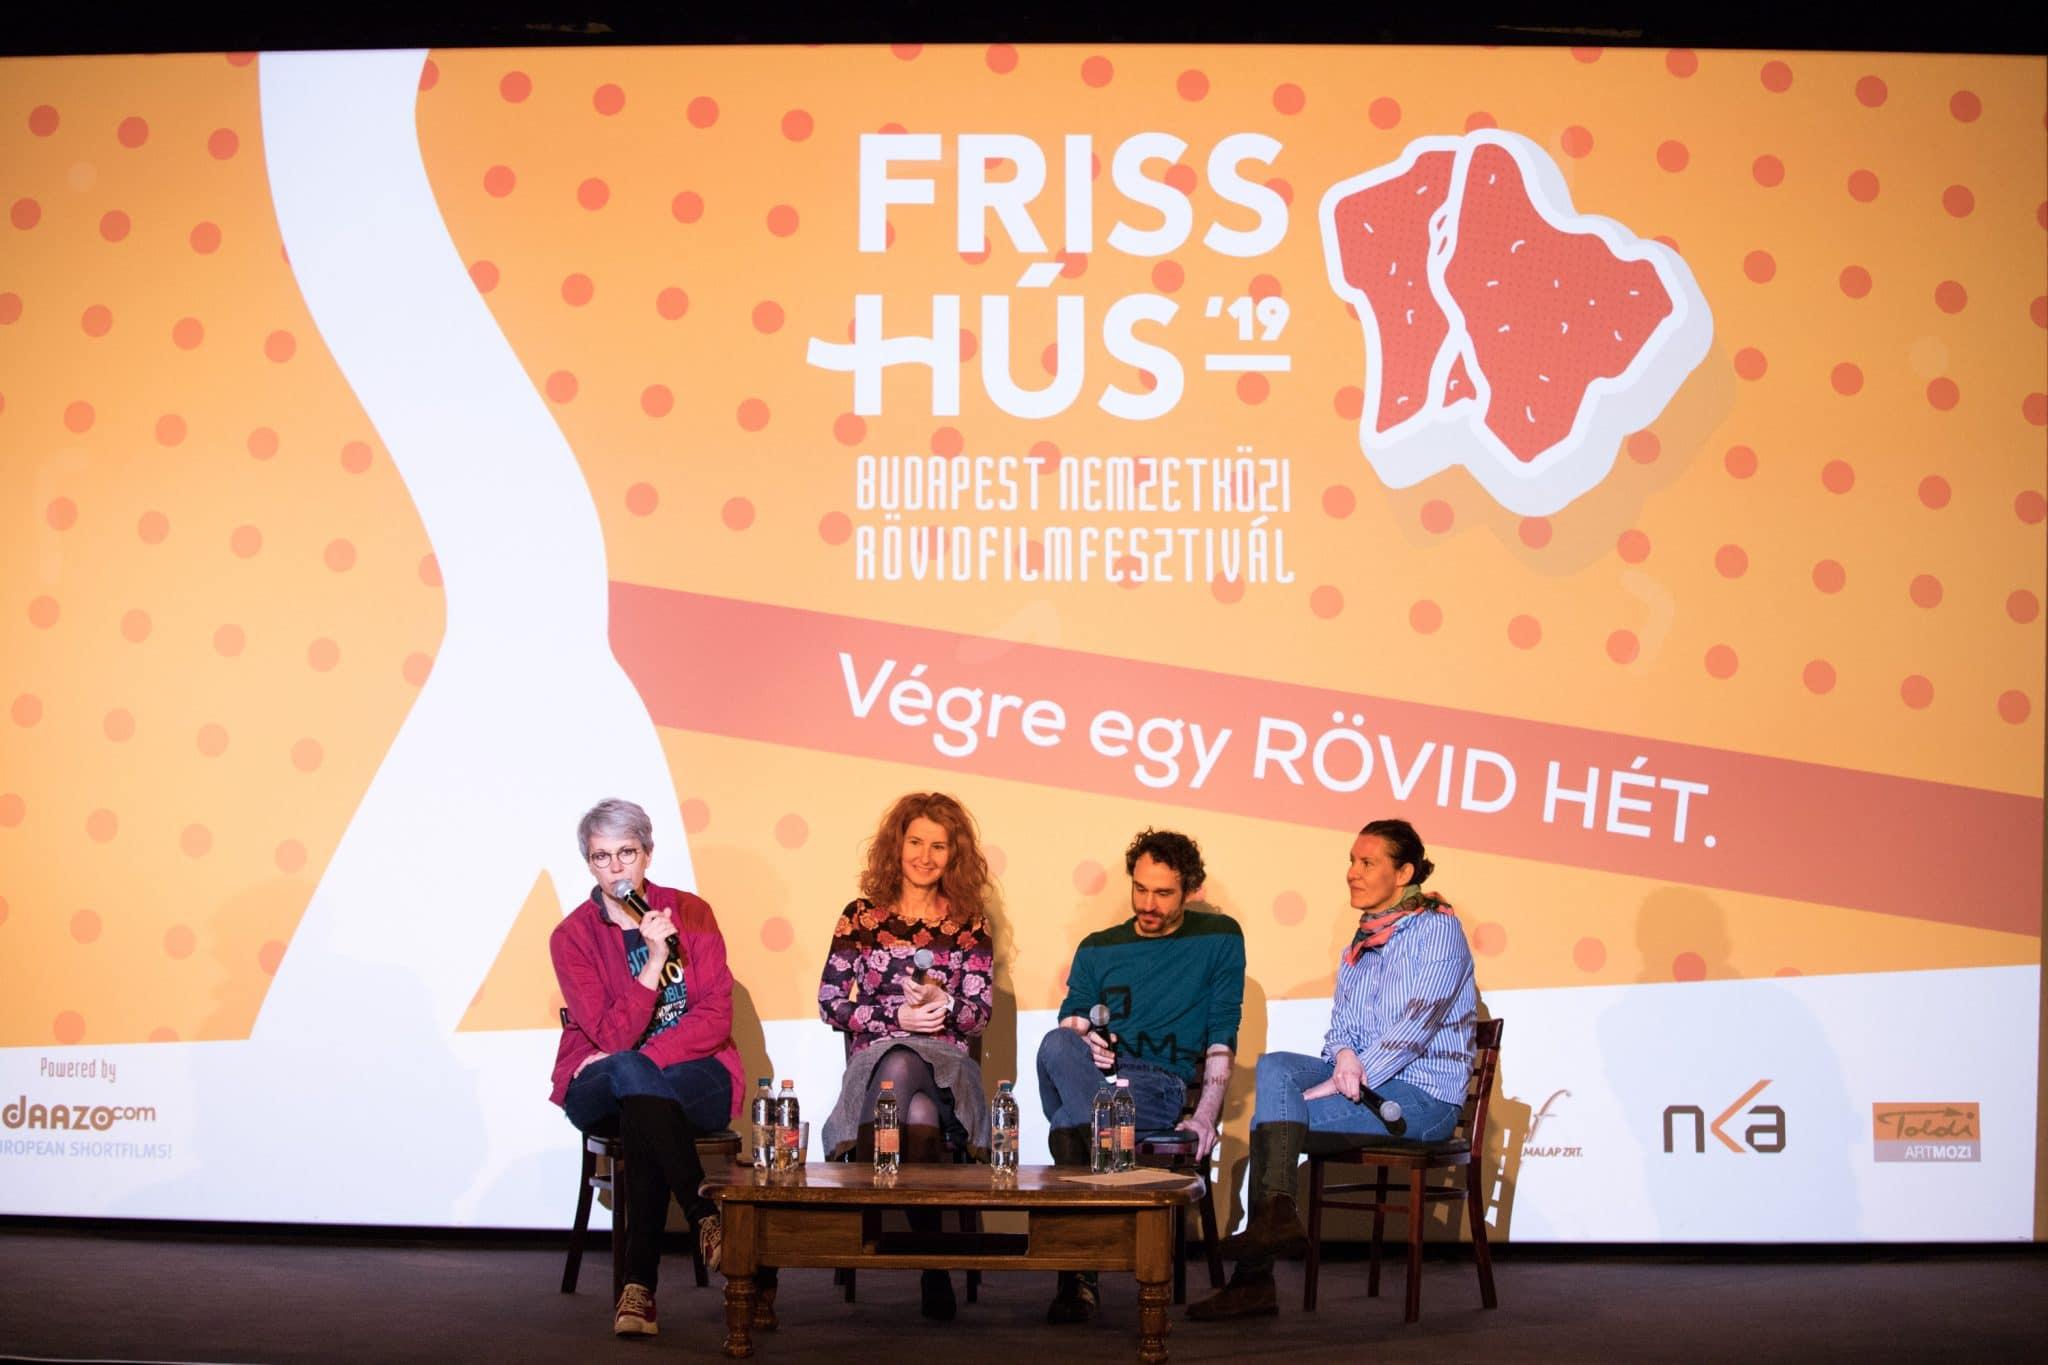 friss hus budapest nemzetkozi rovidfilmfesztival 2021